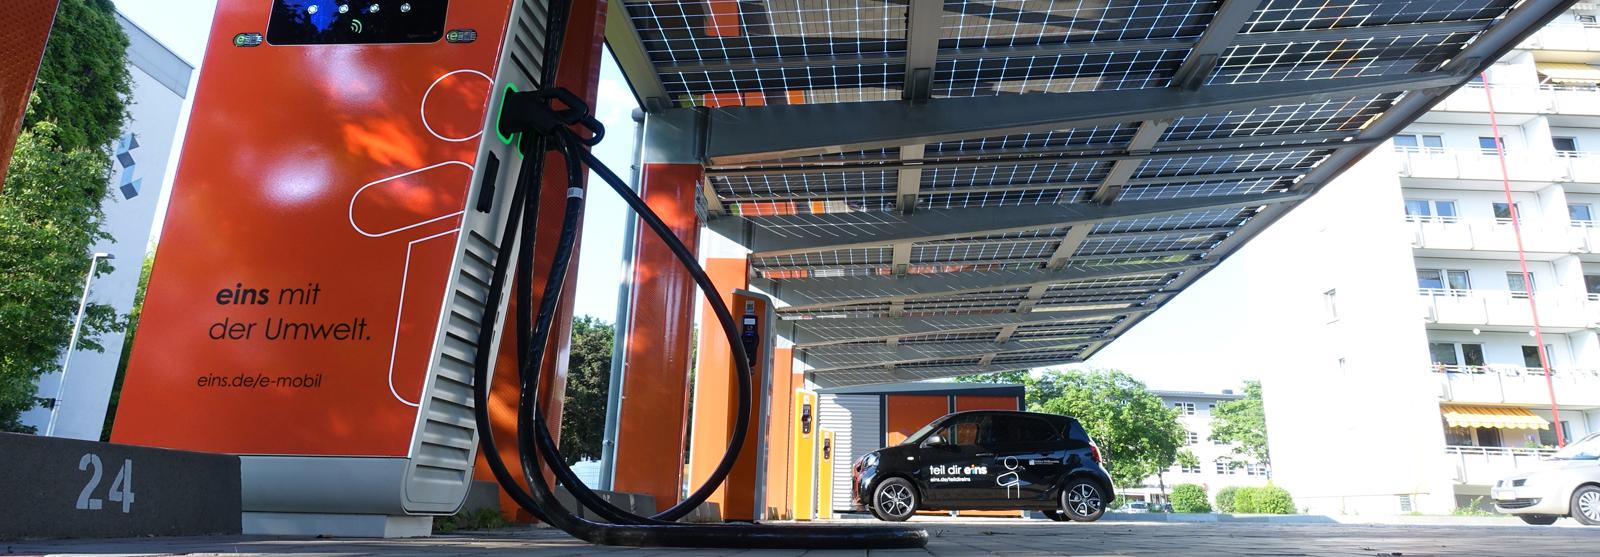 Solar Carports für den öffentlichen Raum